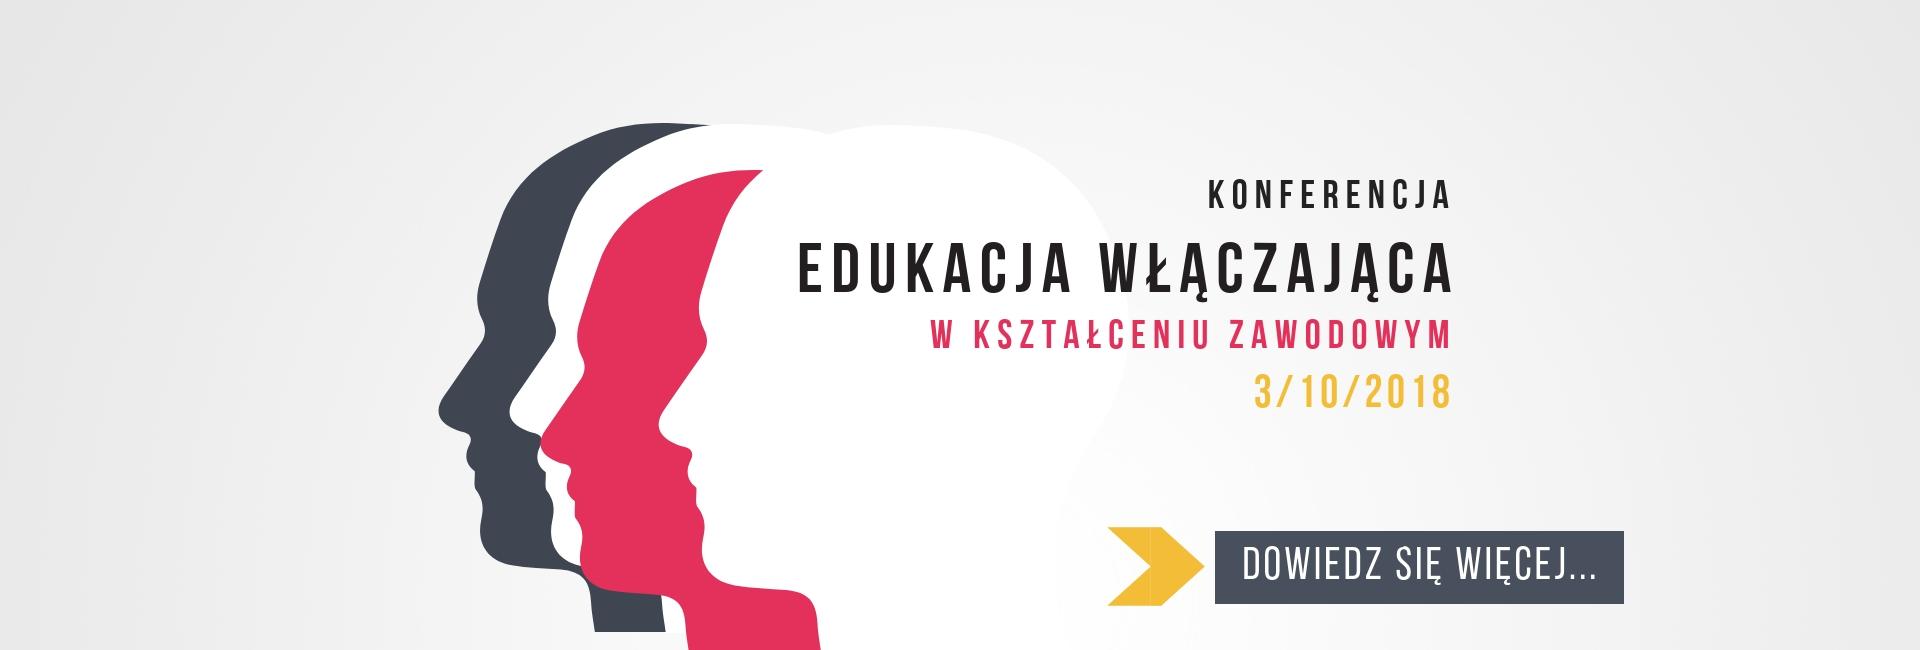 edukacja-wlaczajaca-baner-3